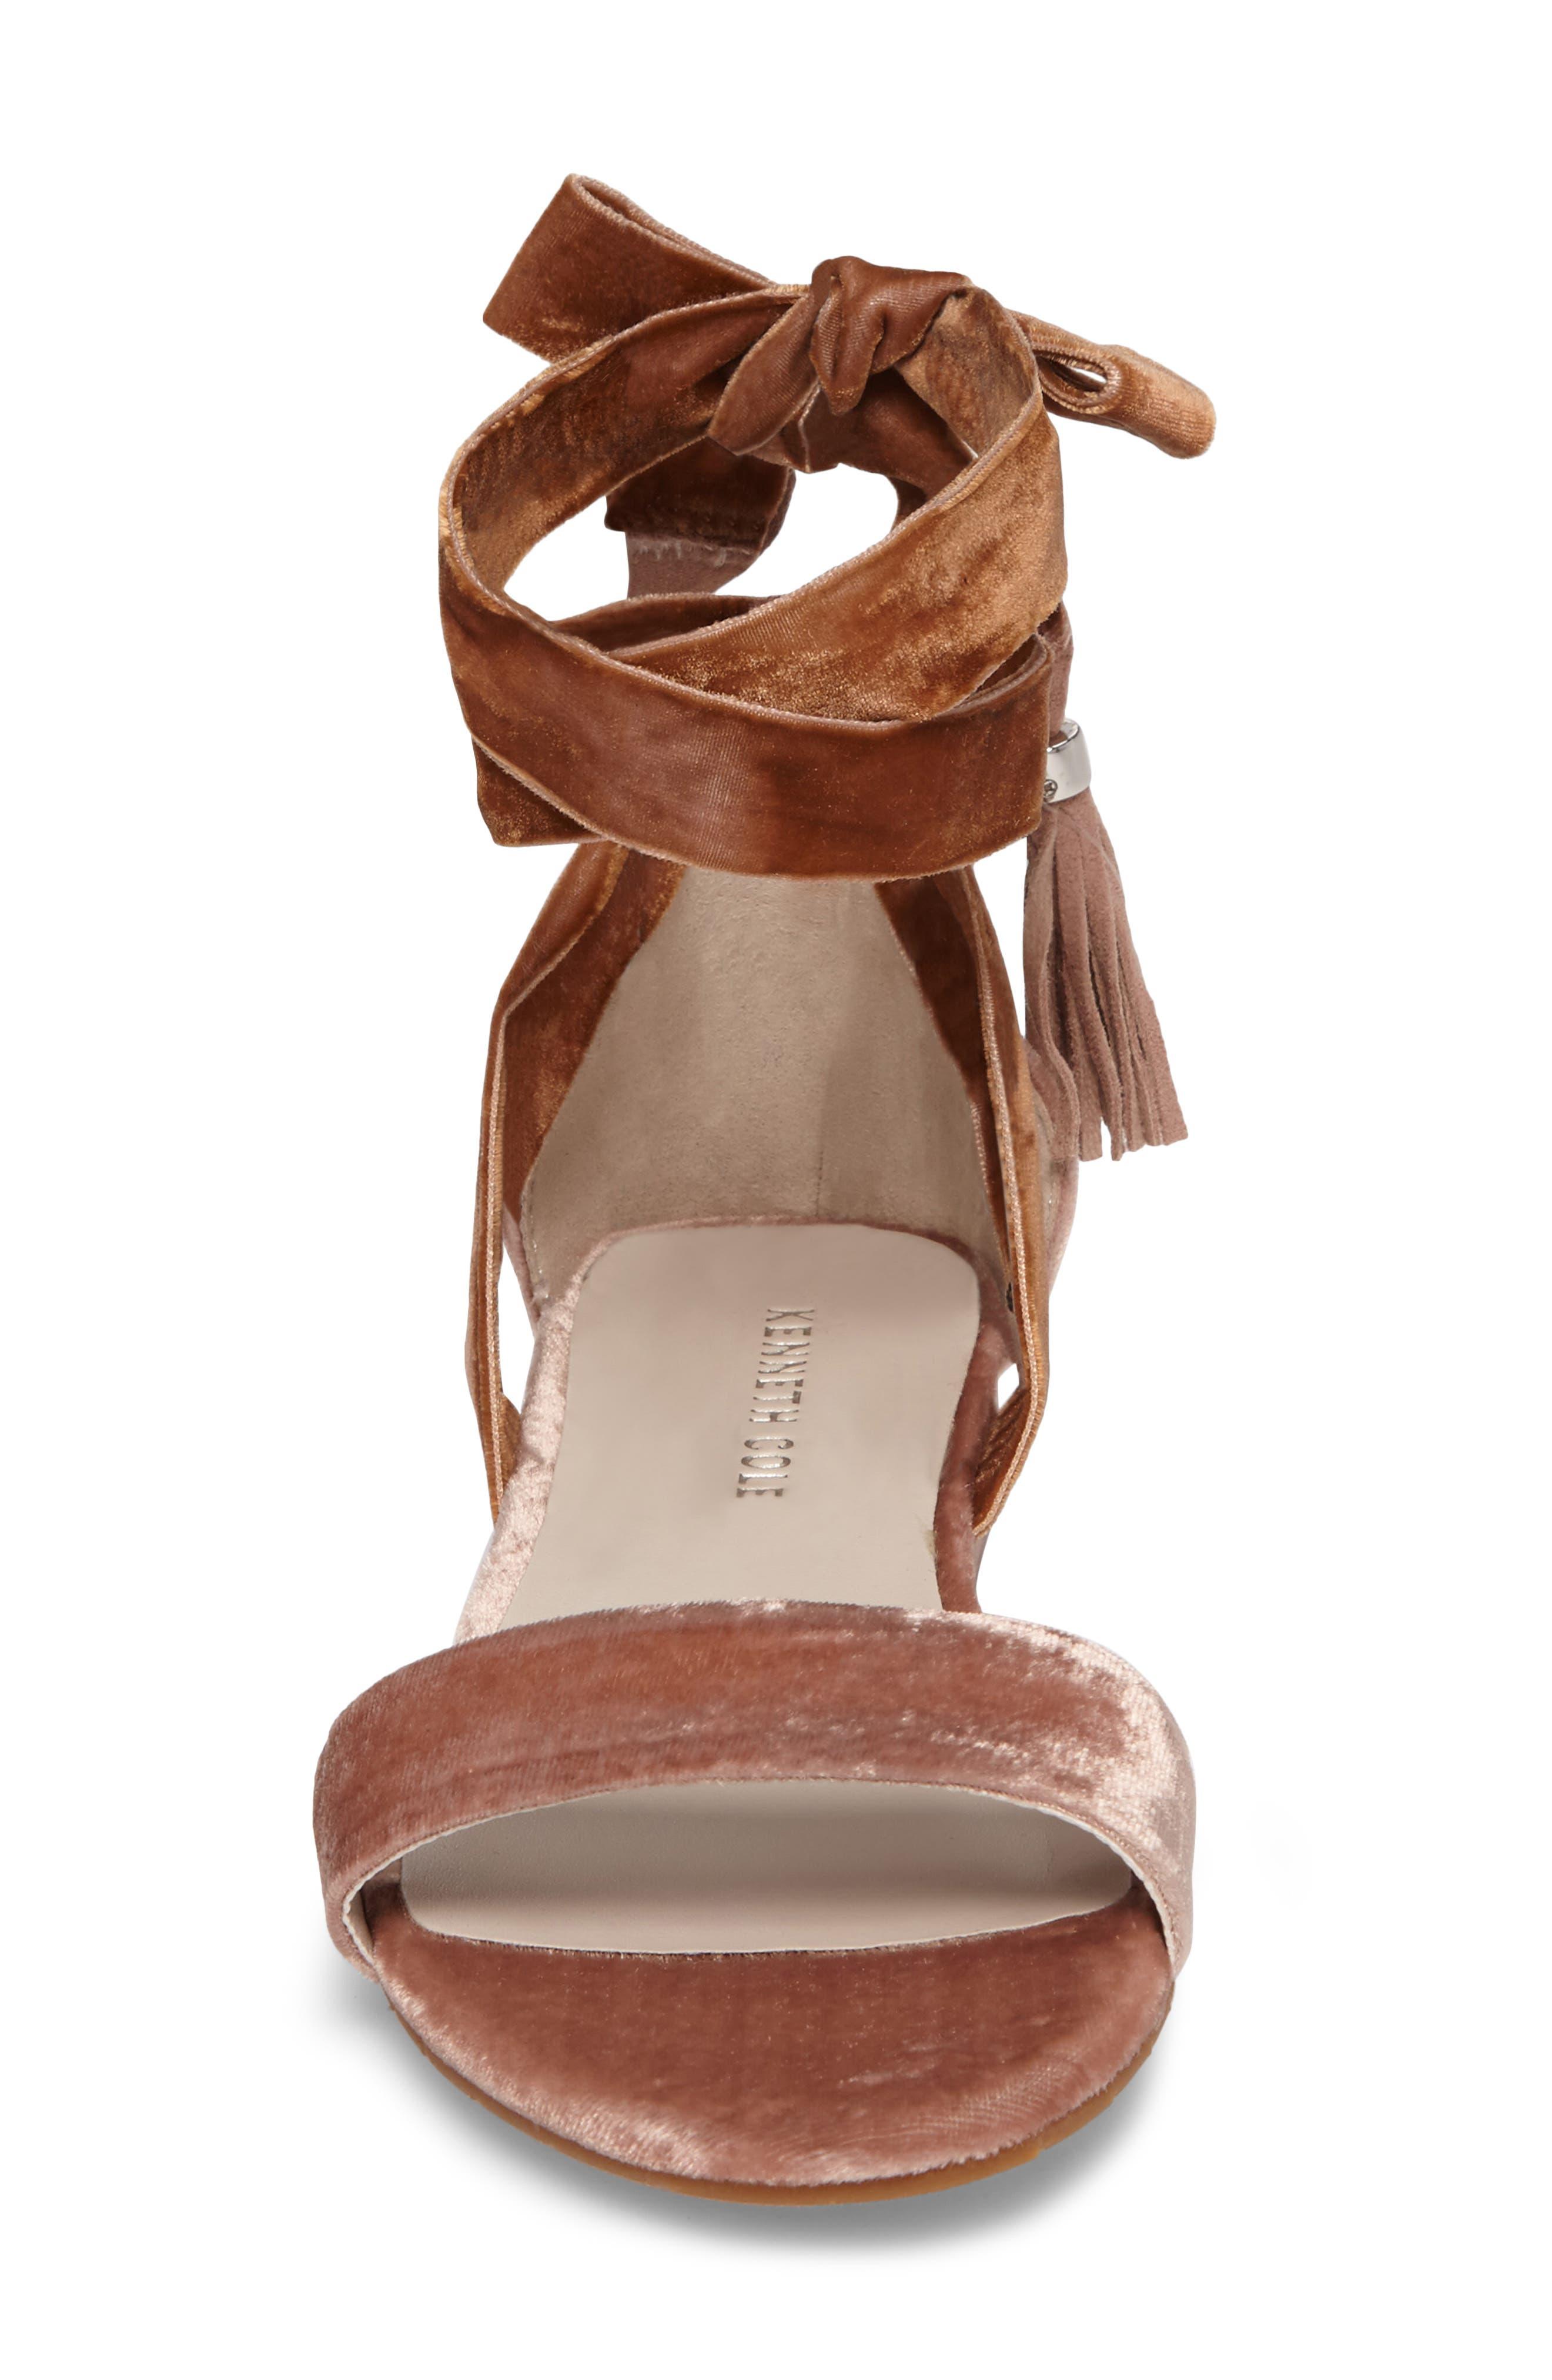 Valen Tassel Lace-Up Sandal,                             Alternate thumbnail 4, color,                             Blush Velvet